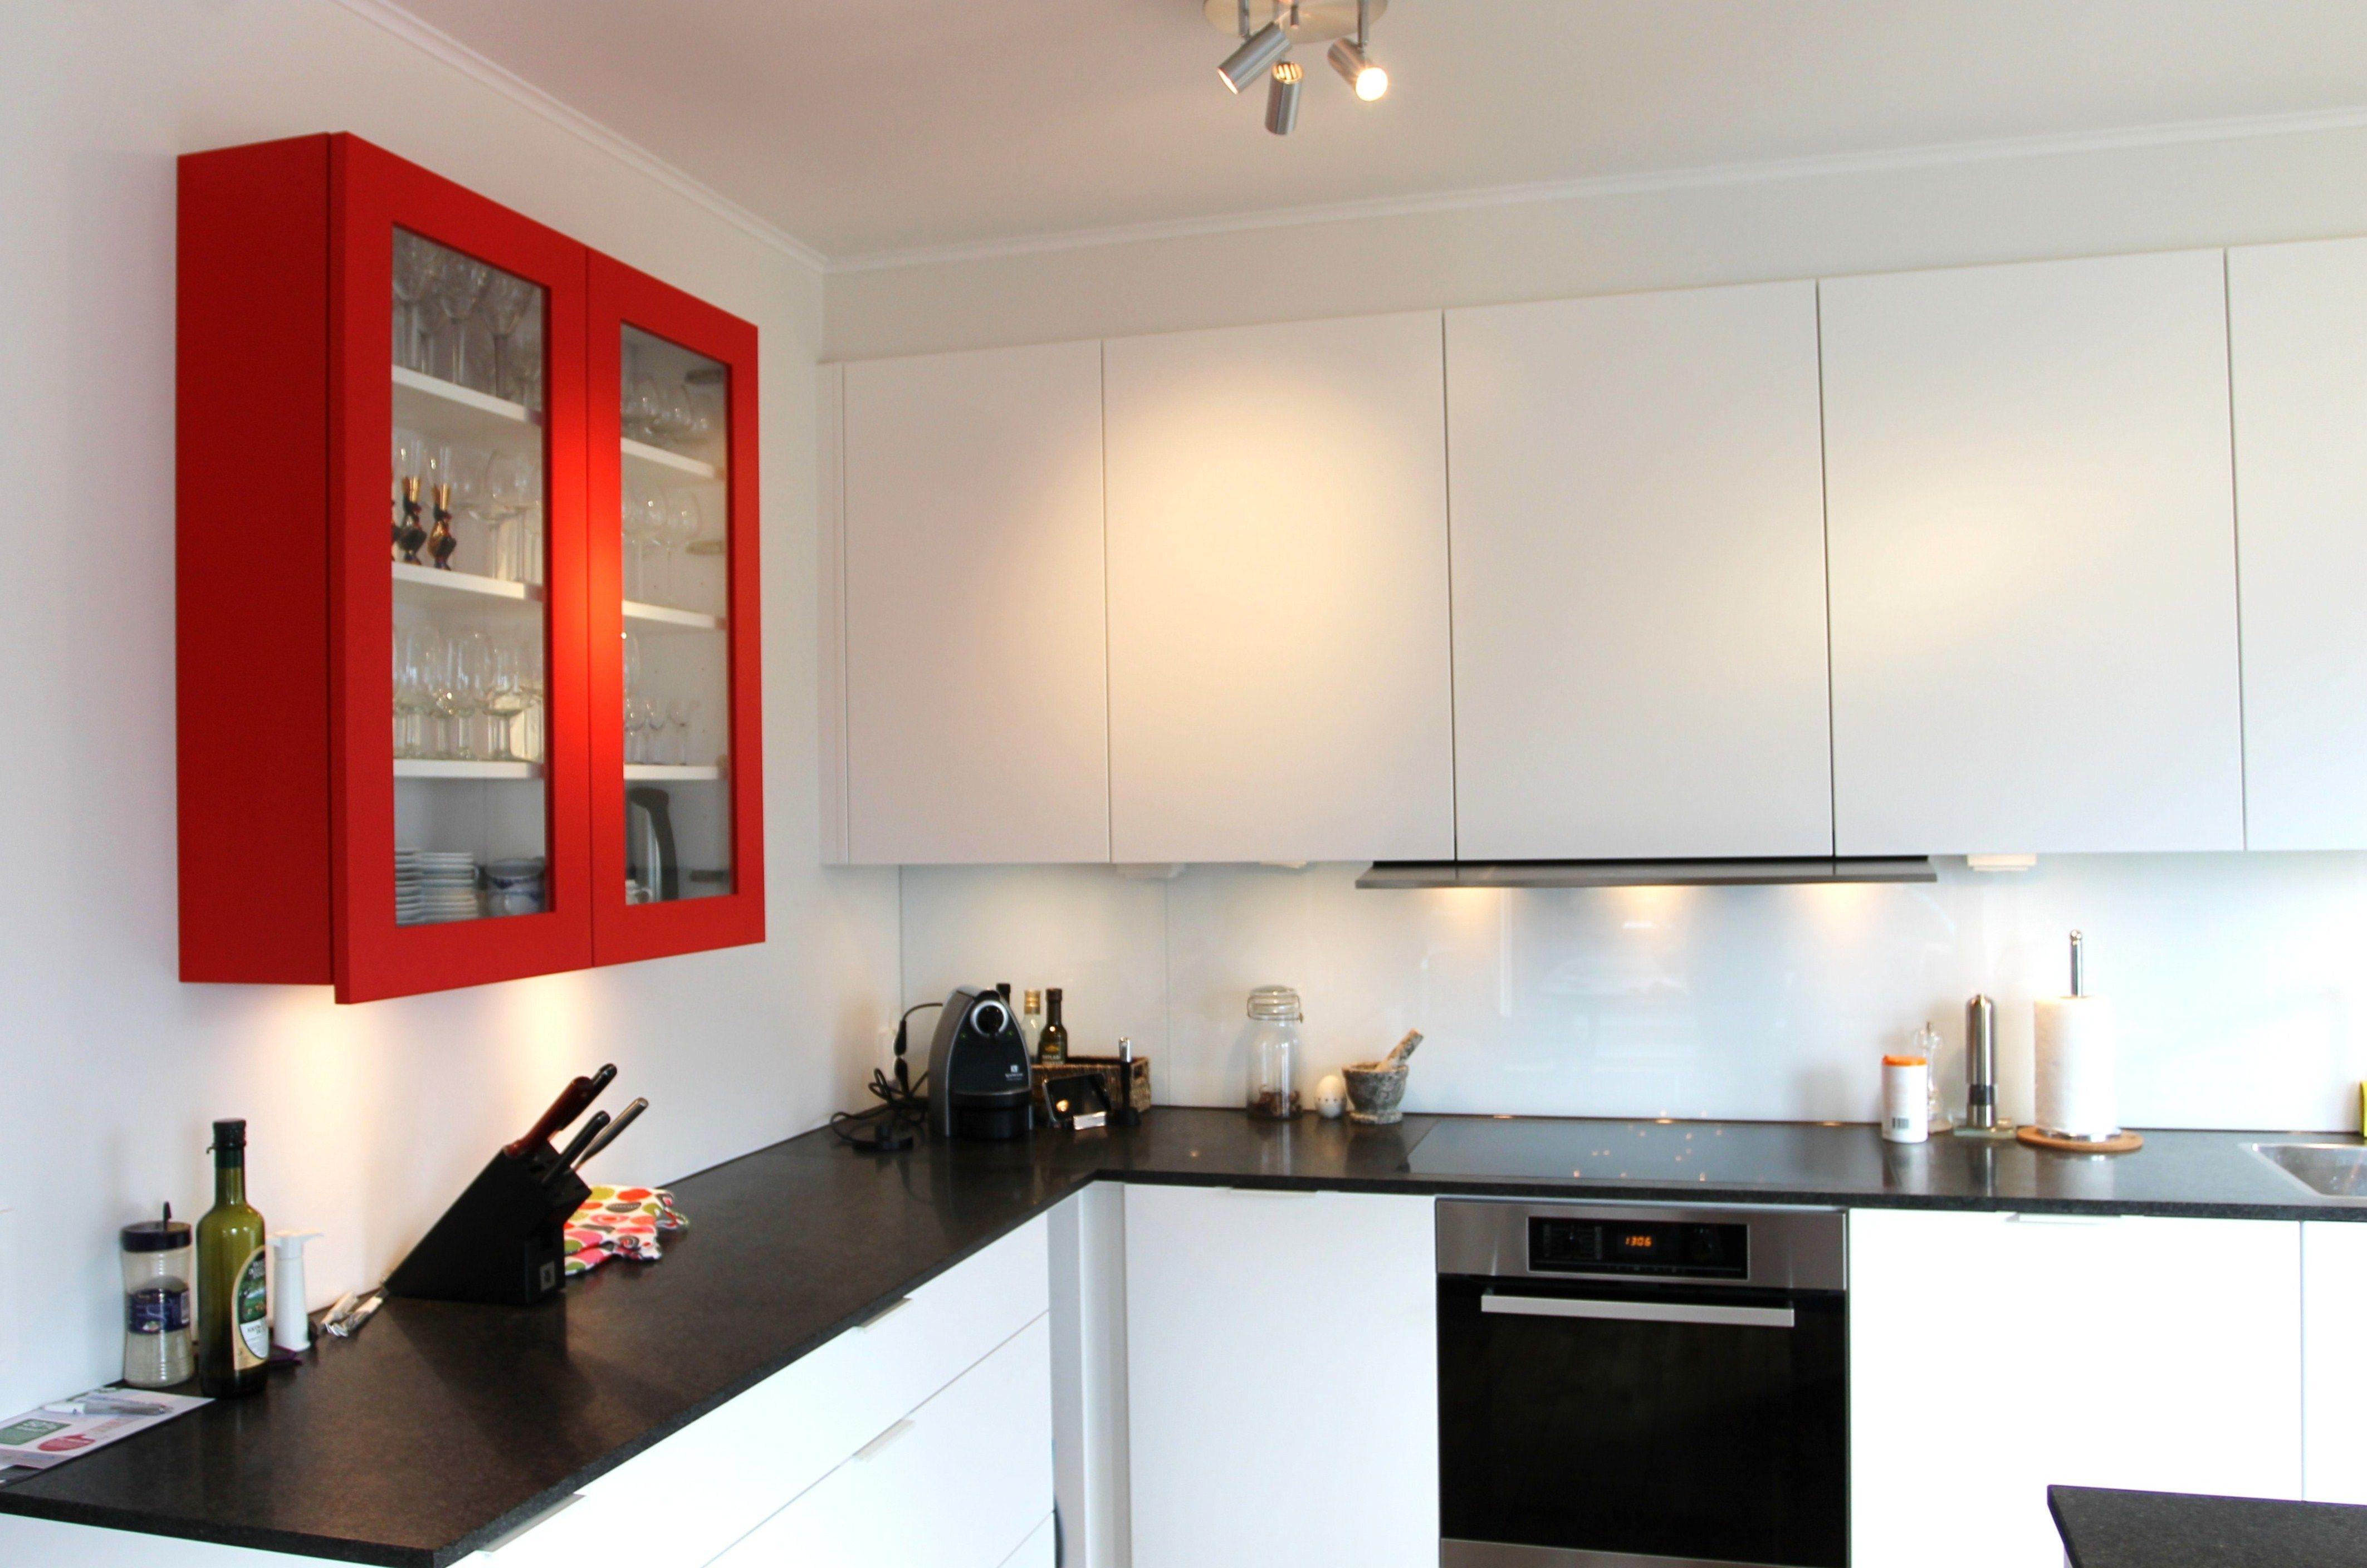 Kök med rött vitrinskåp